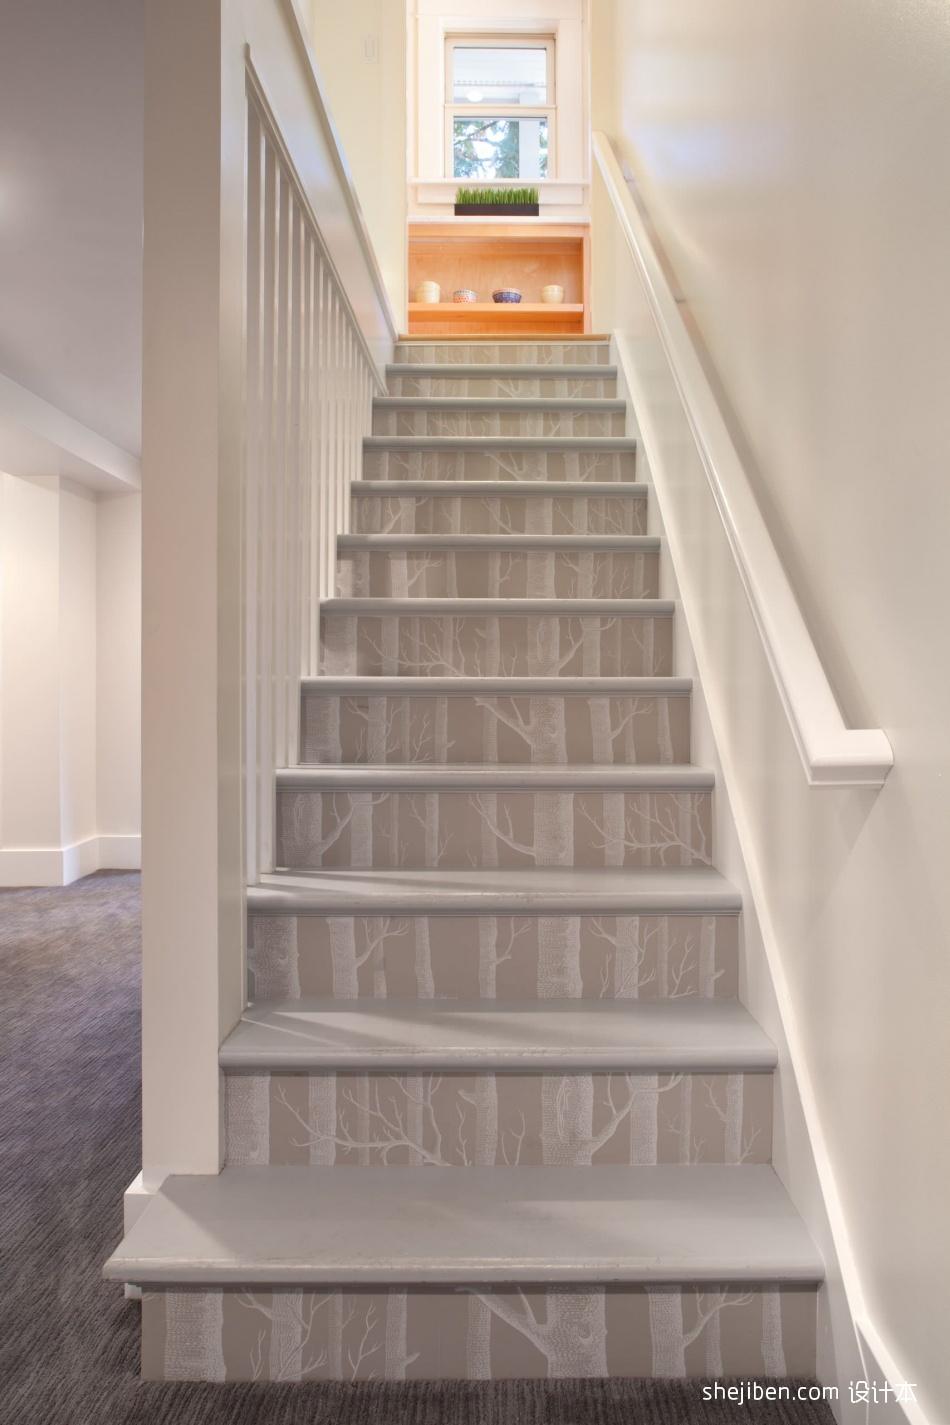 2017现代风格别墅家装室内木质楼梯护栏装修效果图功能区5图潮流混搭功能区设计图片赏析